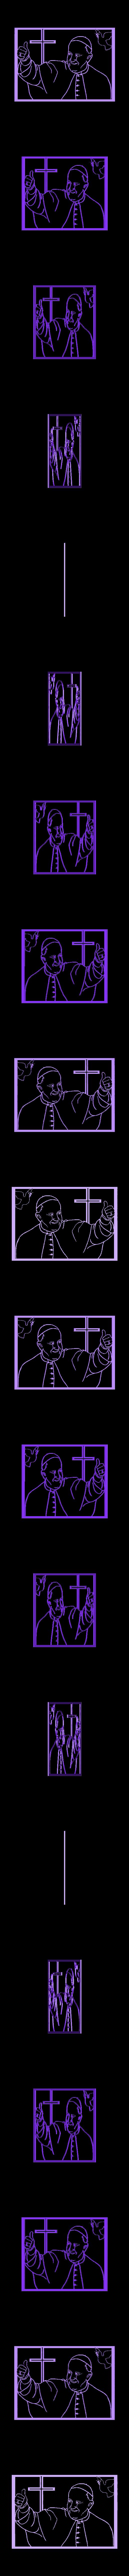 PapaFcoWall.stl Descargar archivo STL Papa Francisco para pared. • Plan para la impresión en 3D, miguelonmex